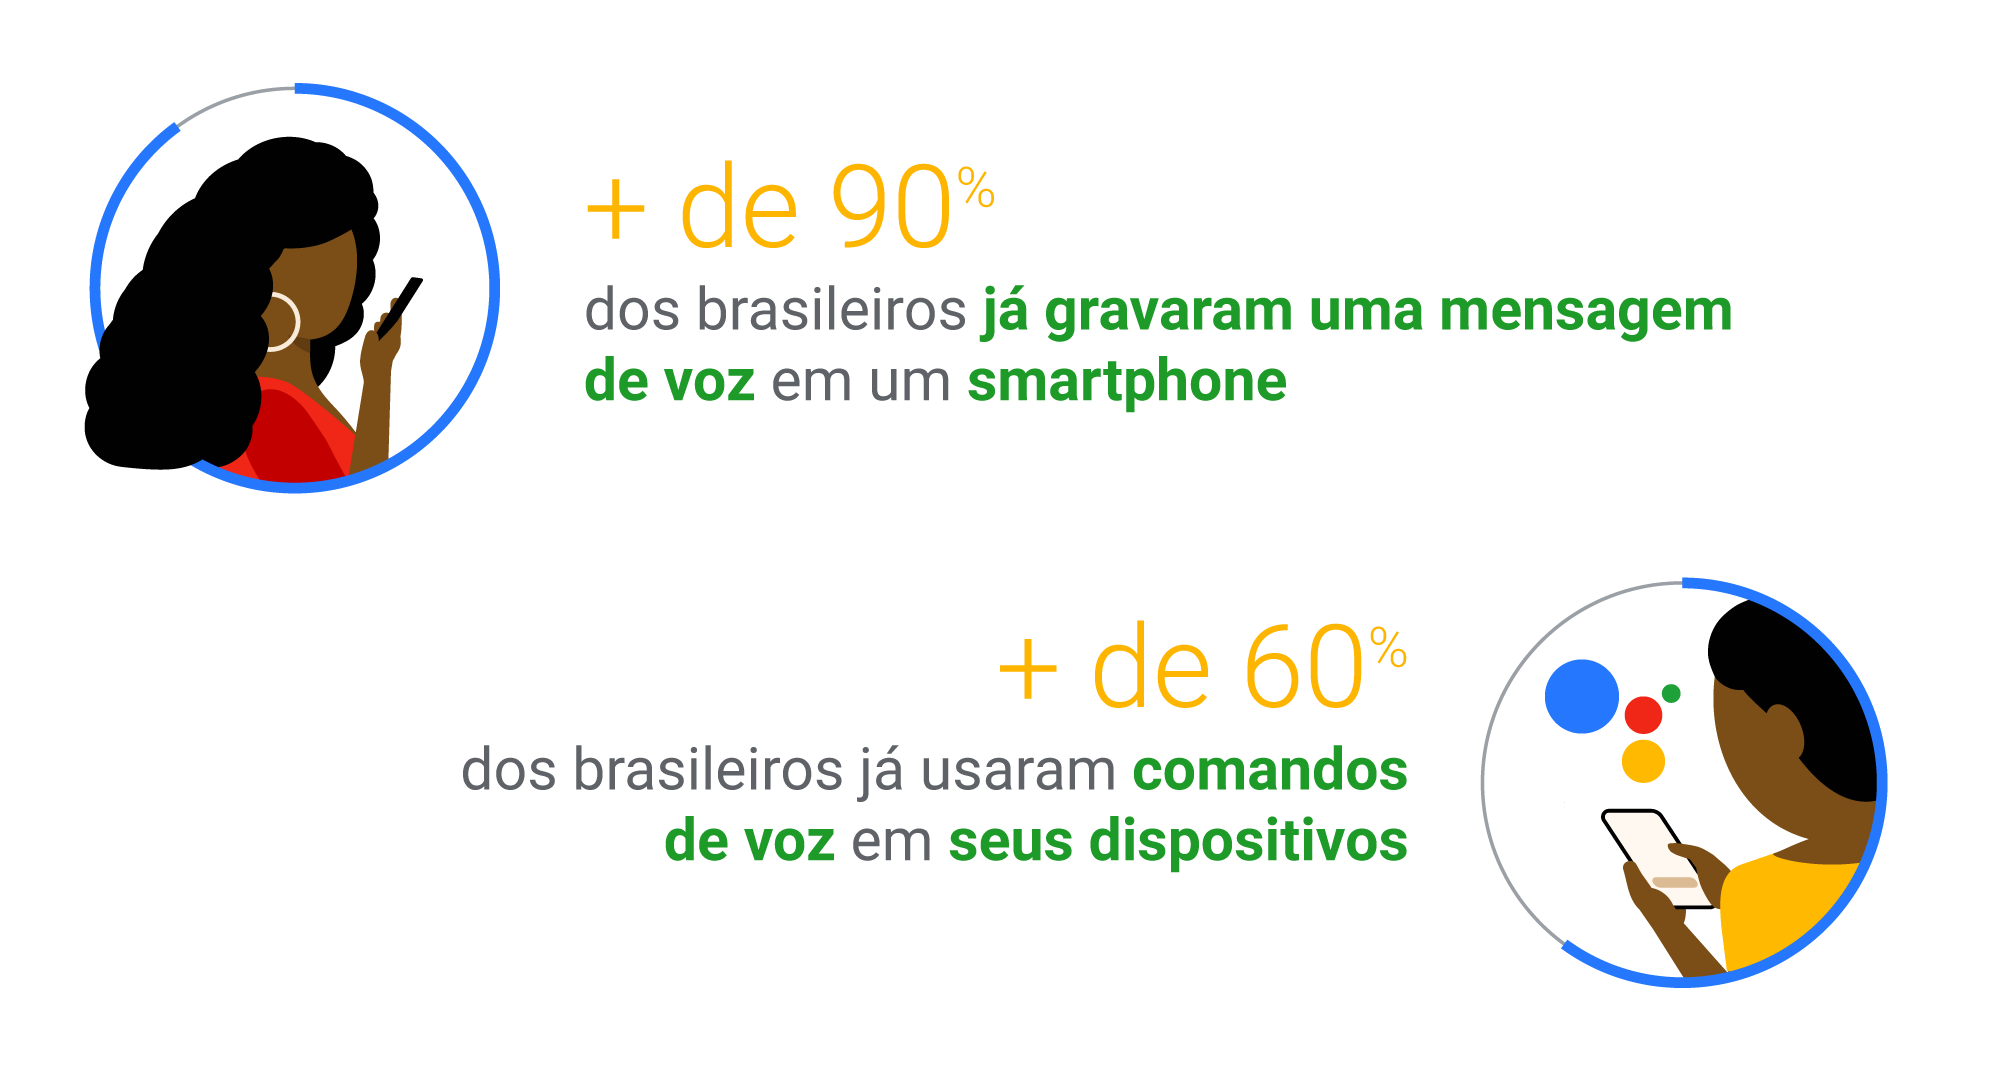 Com o Google Assistente, os brasileiros usam a voz e transformam seu dia a dia